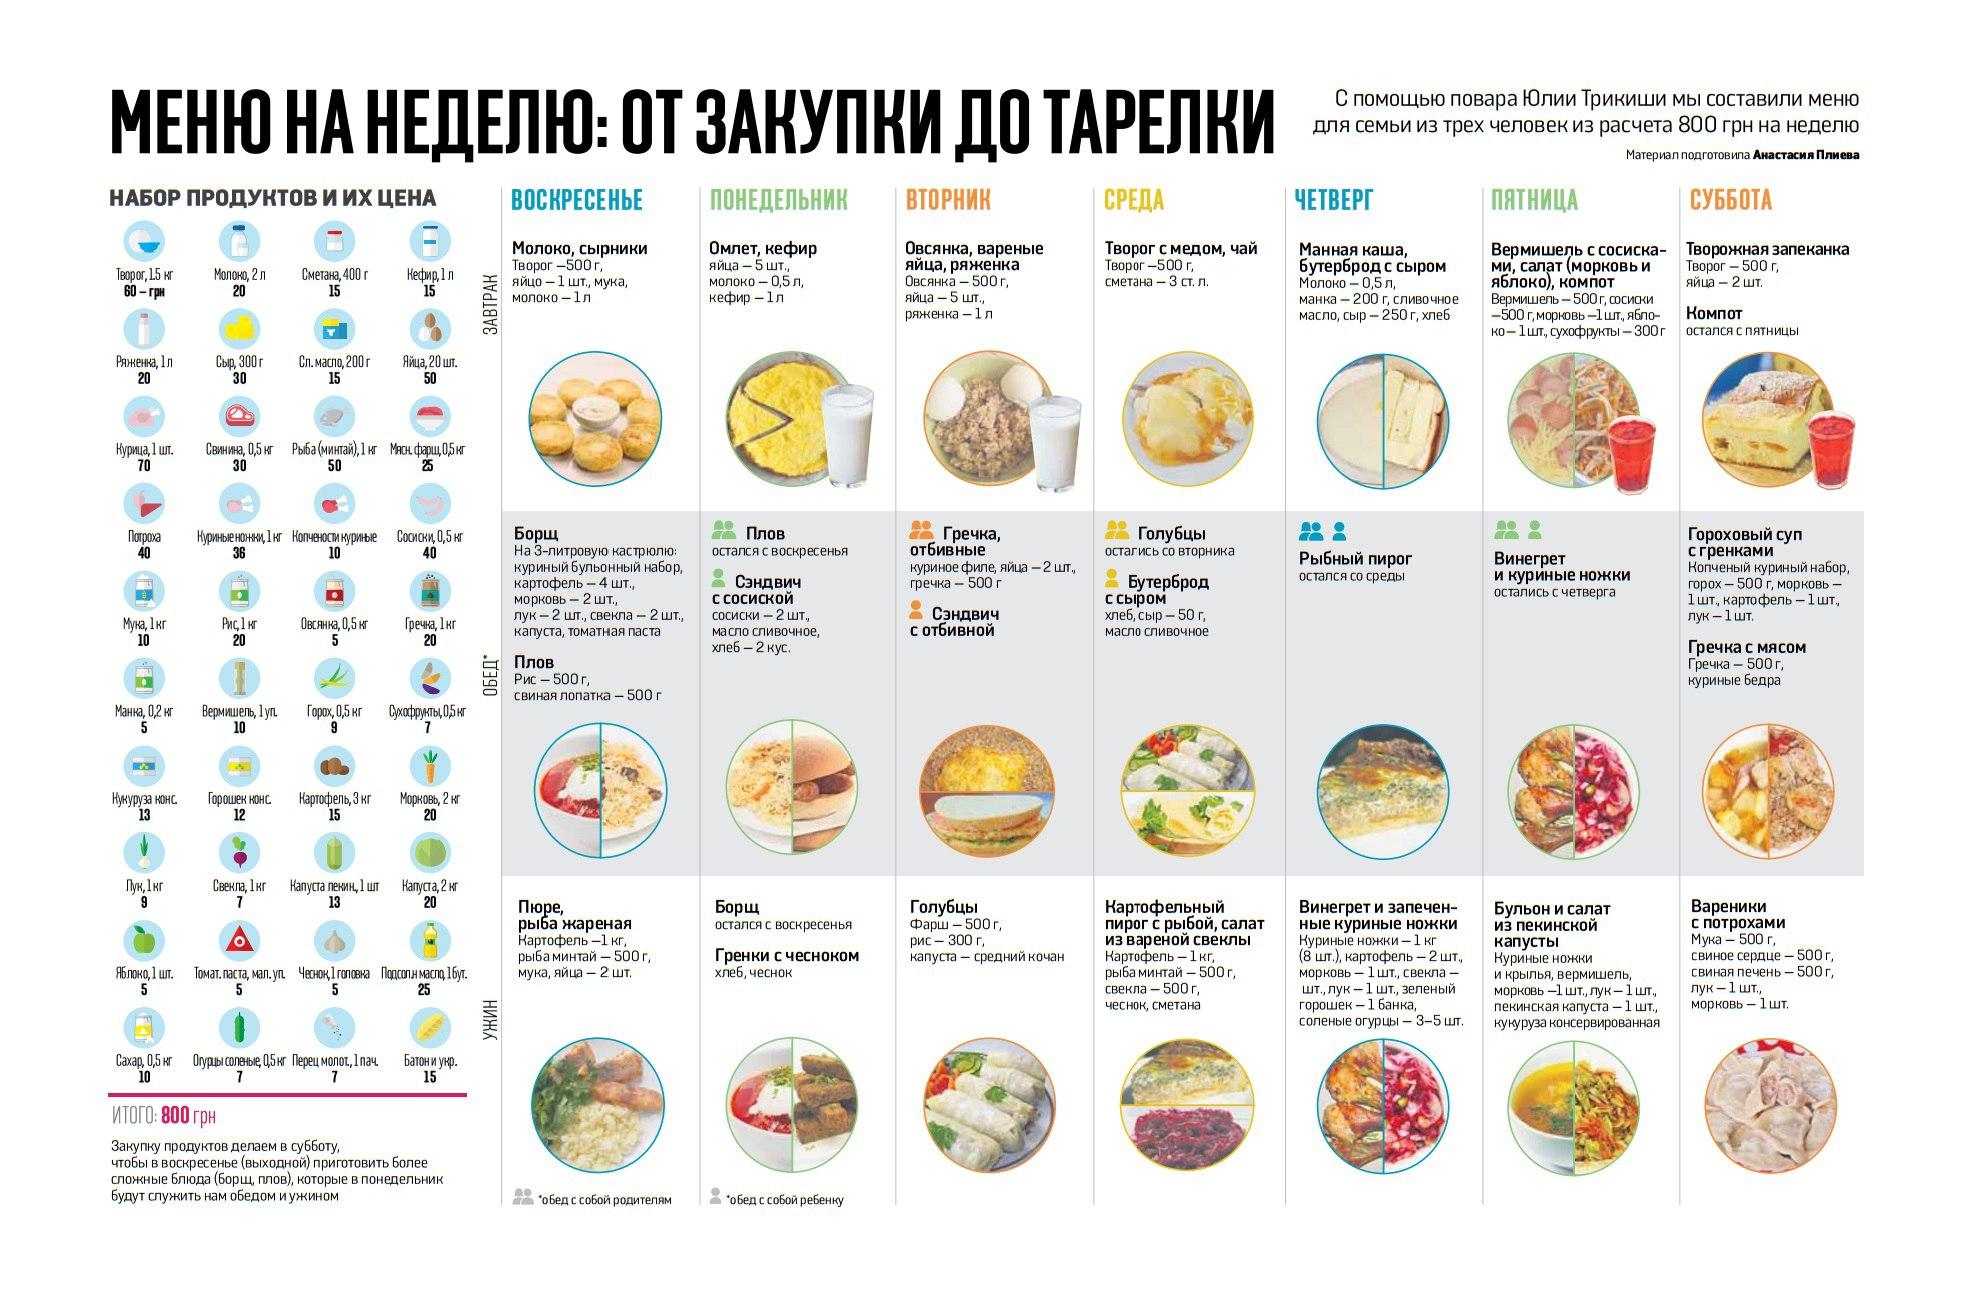 идеальное меню правильного питания человека